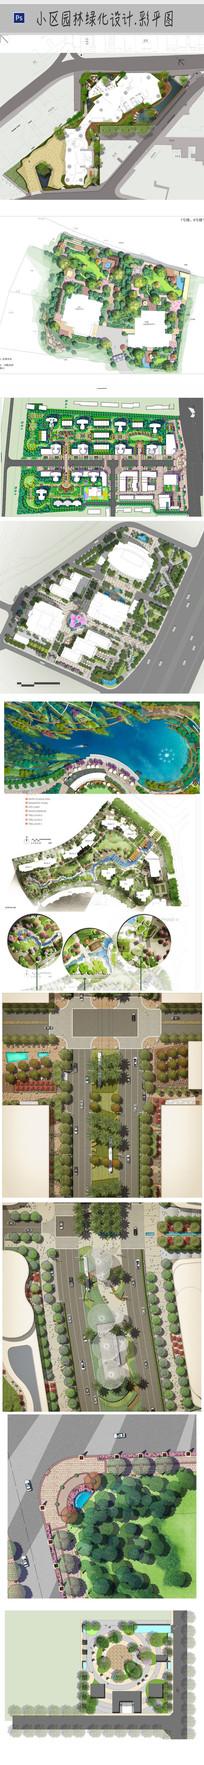 园林绿化规划设计彩平 PSD